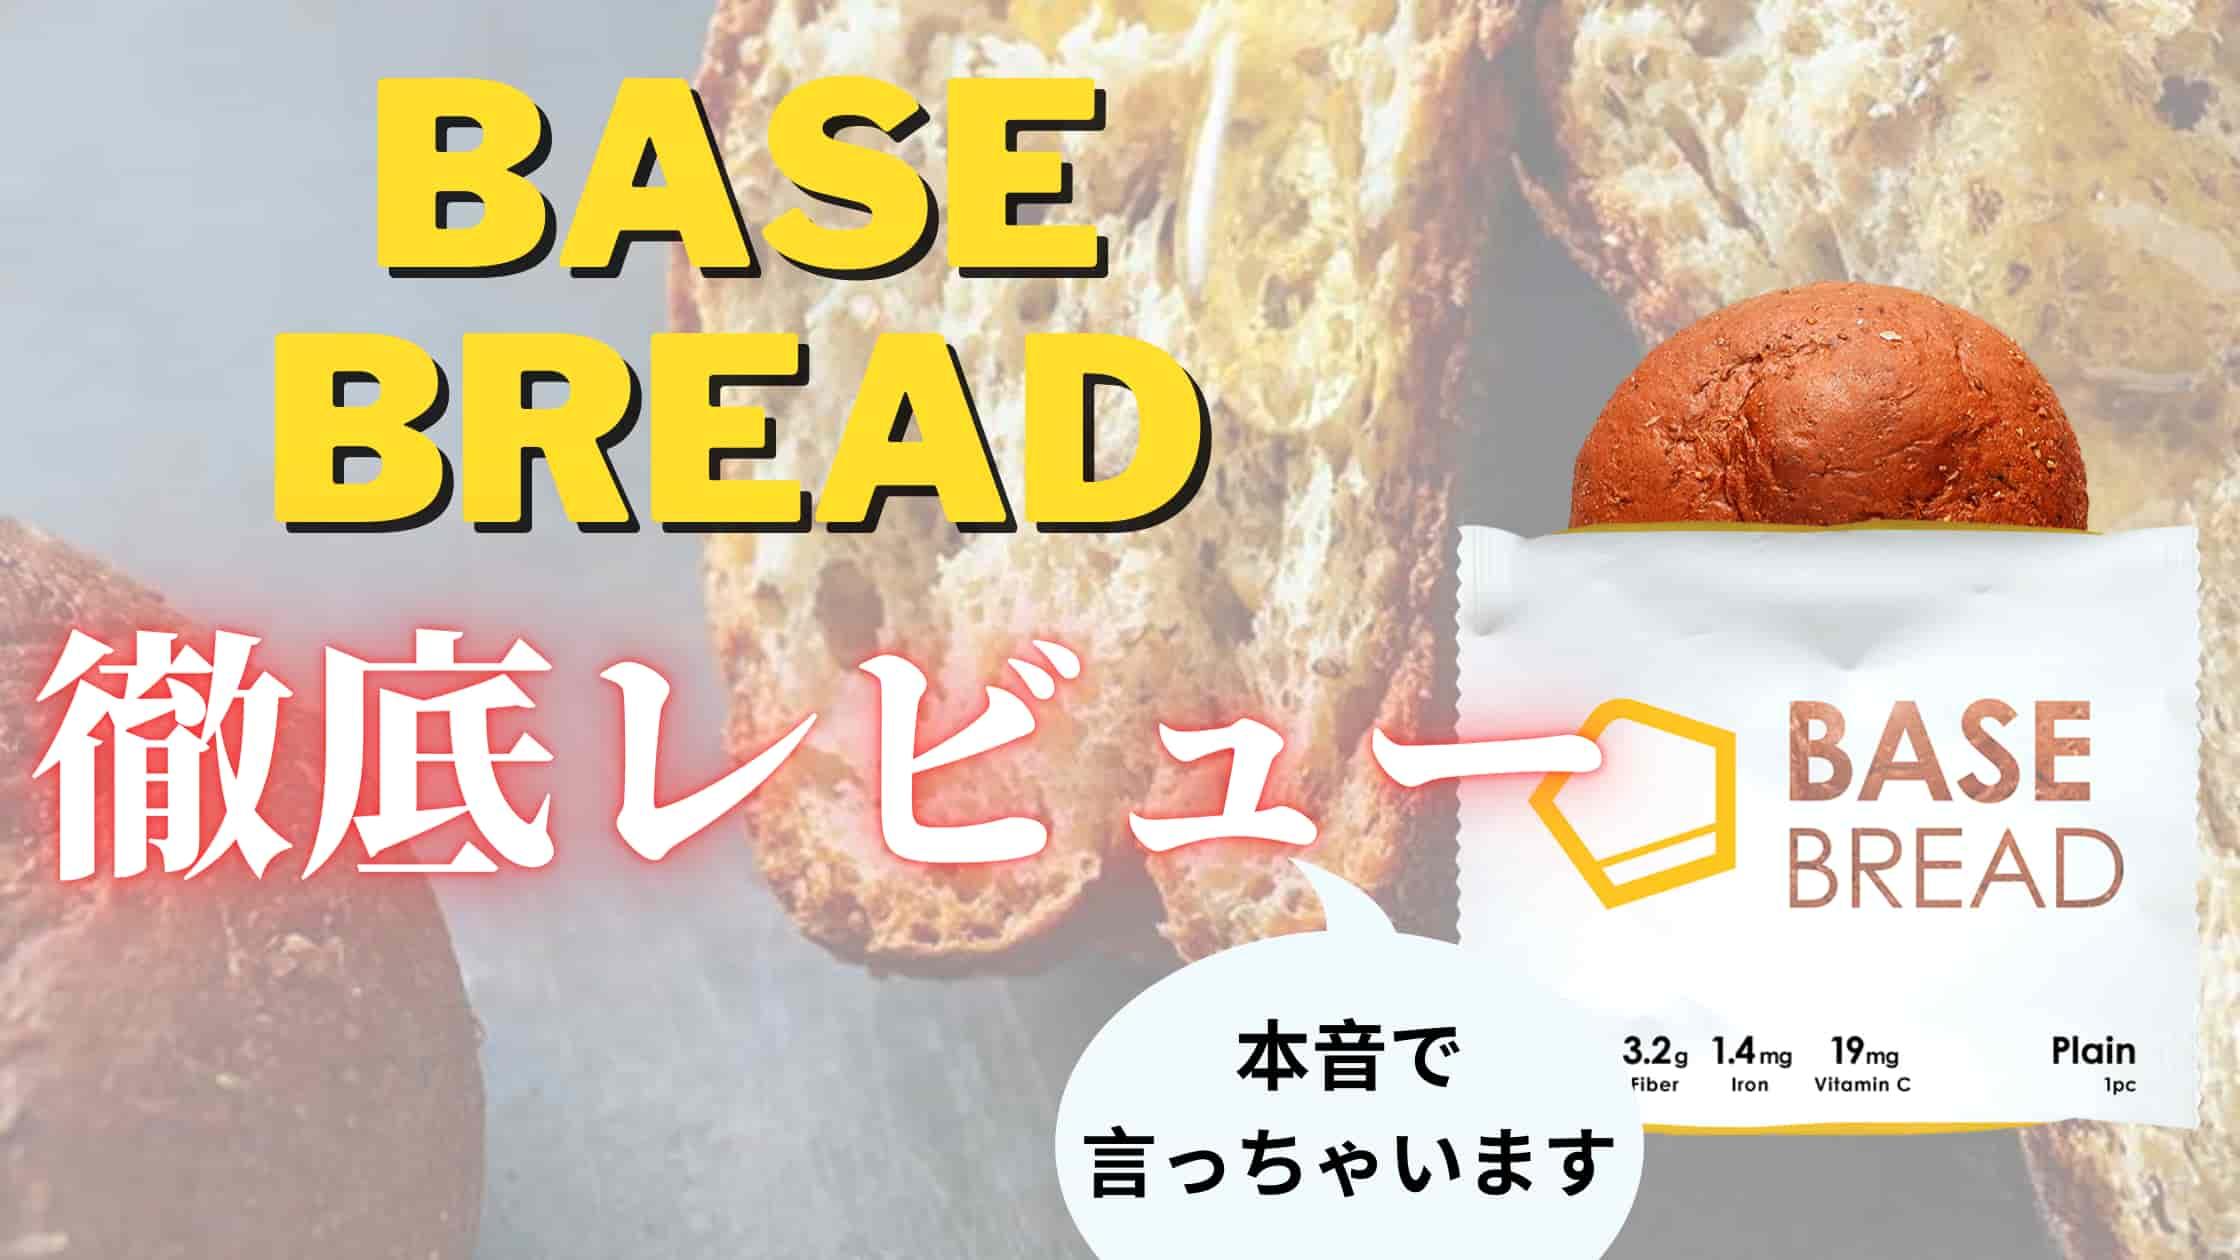 【本音で暴露】ベースブレッド(base bread)の実食レビュー|口コミも徹底検証